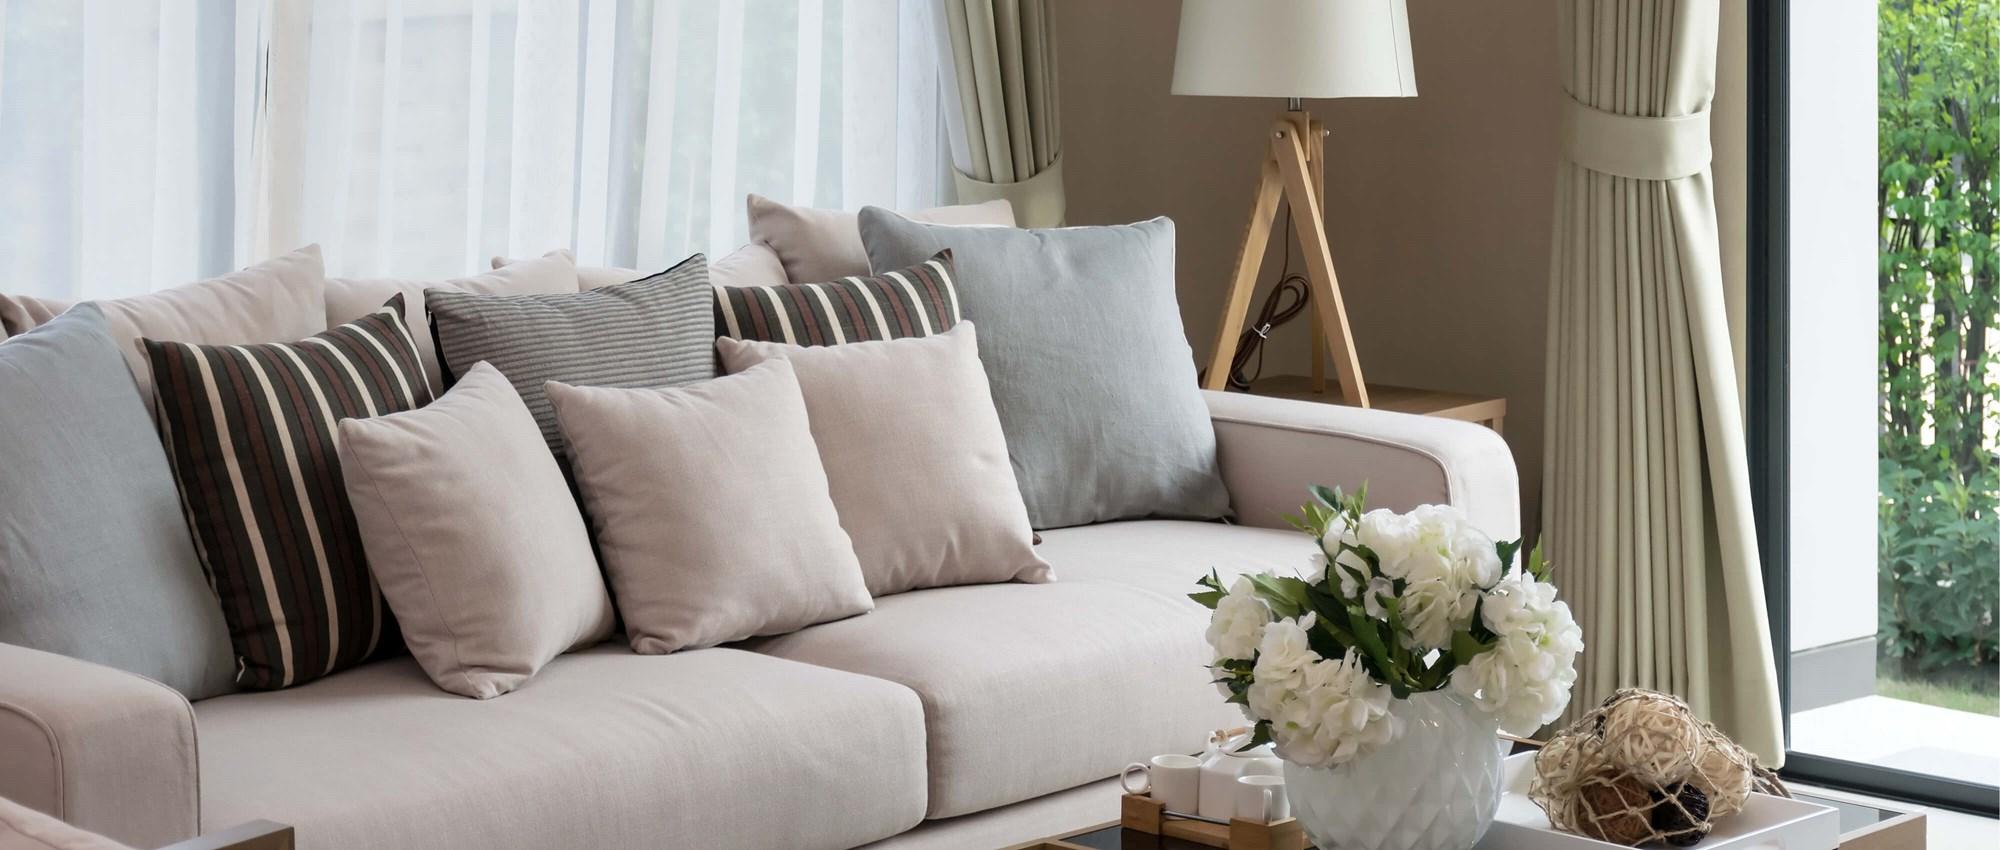 A cream coloured living room